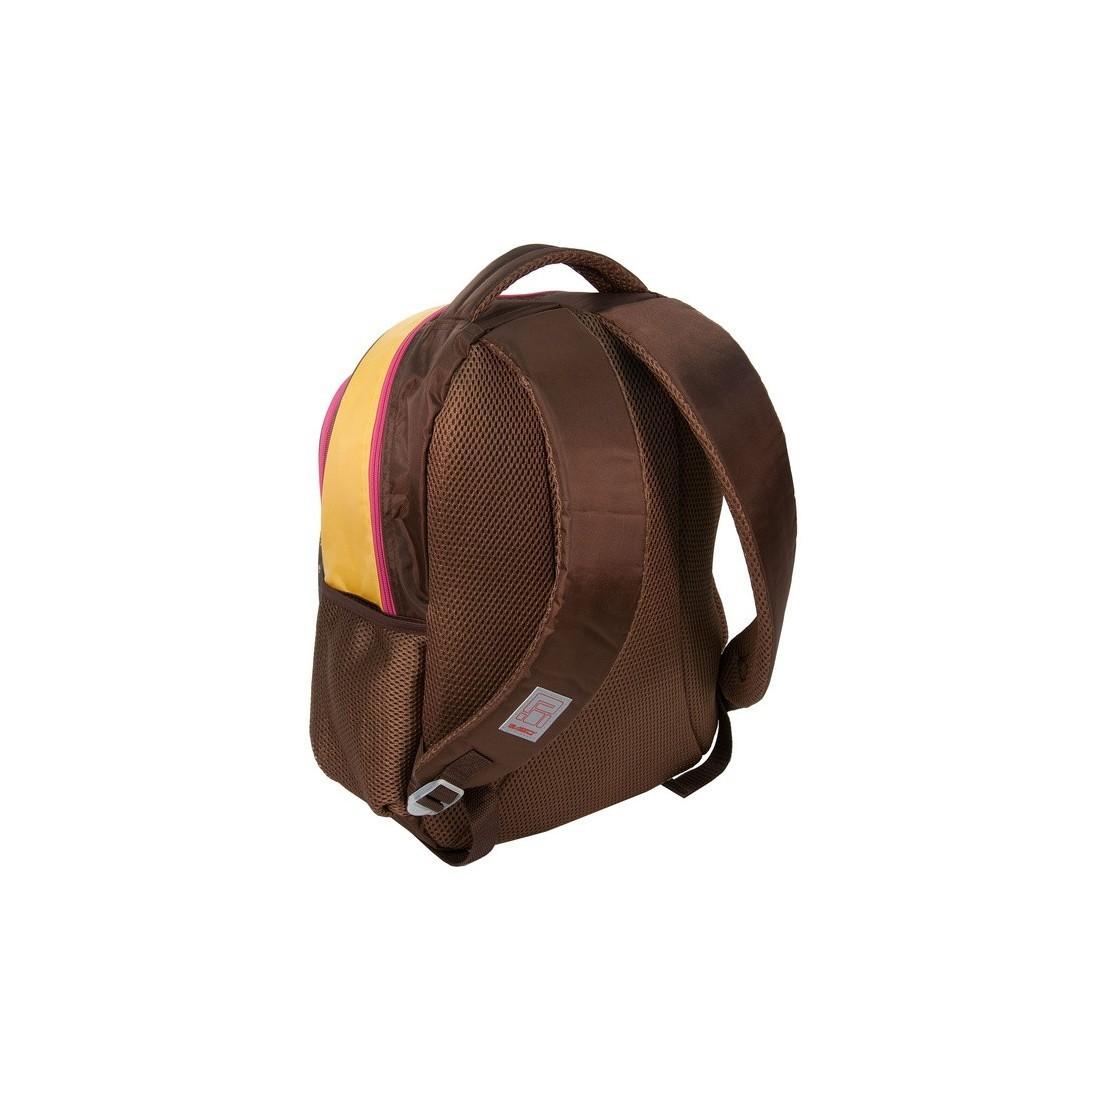 Plecak Szkolny Rachael Hale brązowy z pieskiem - plecak-tornister.pl